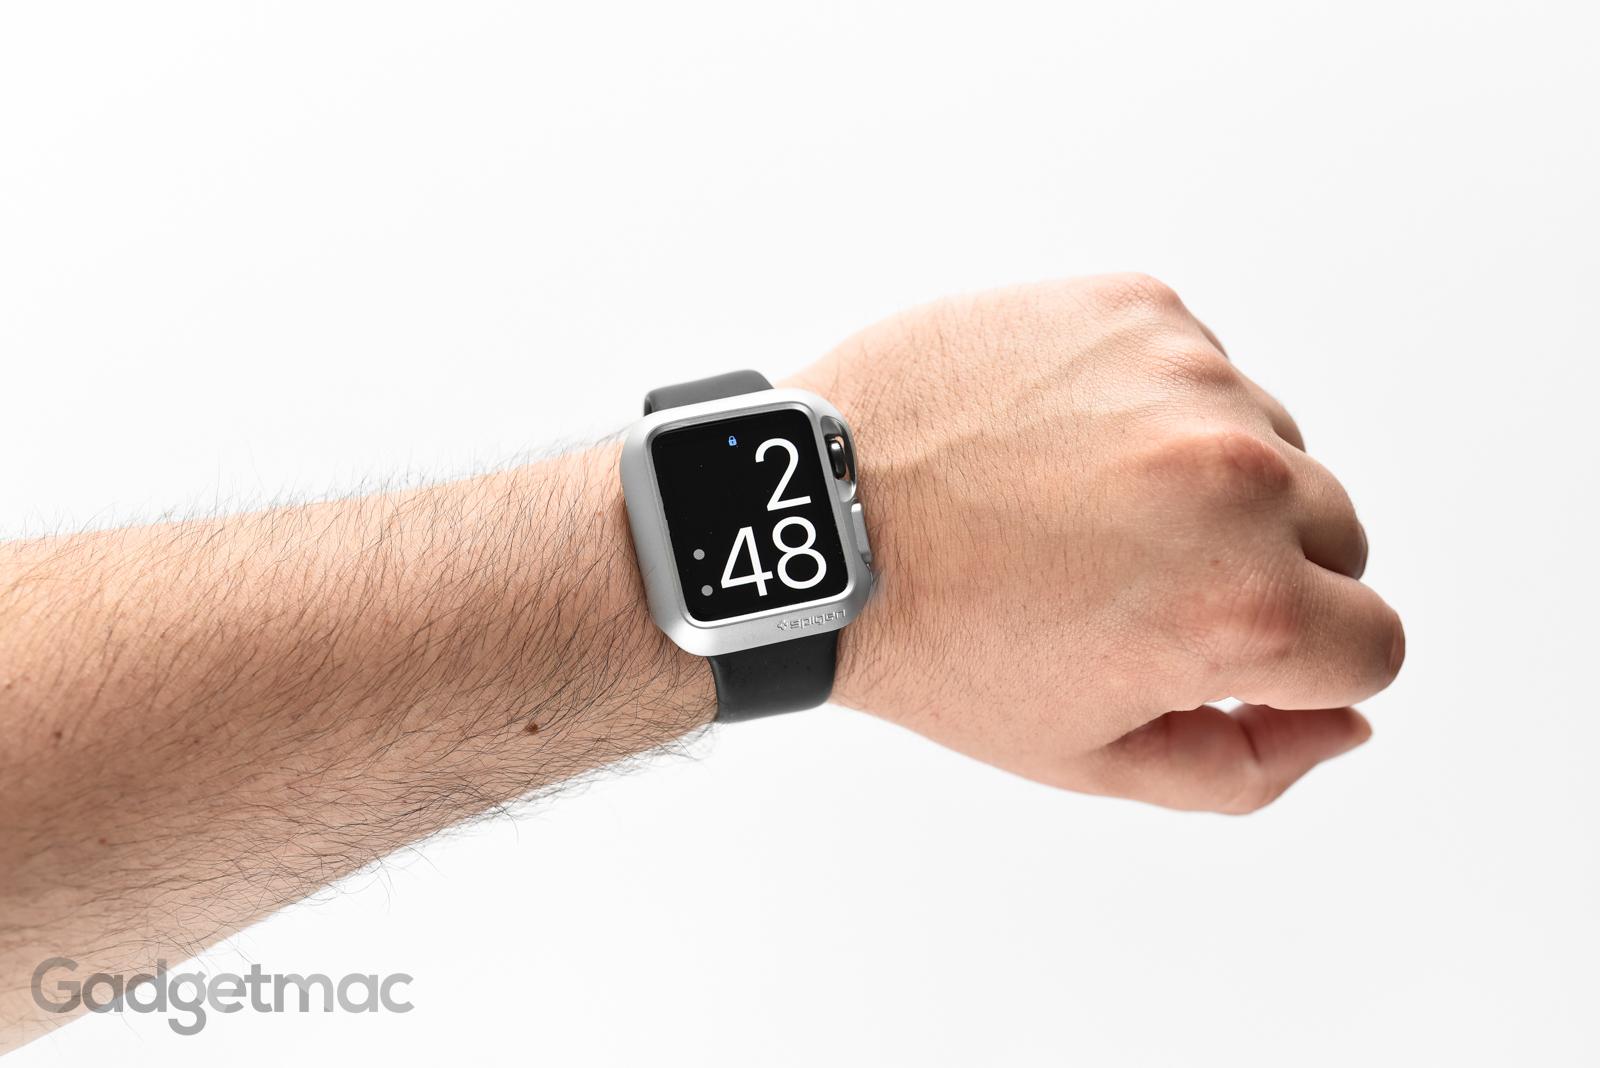 spigen-slim-armor-silver-case-for-apple-watch.jpg